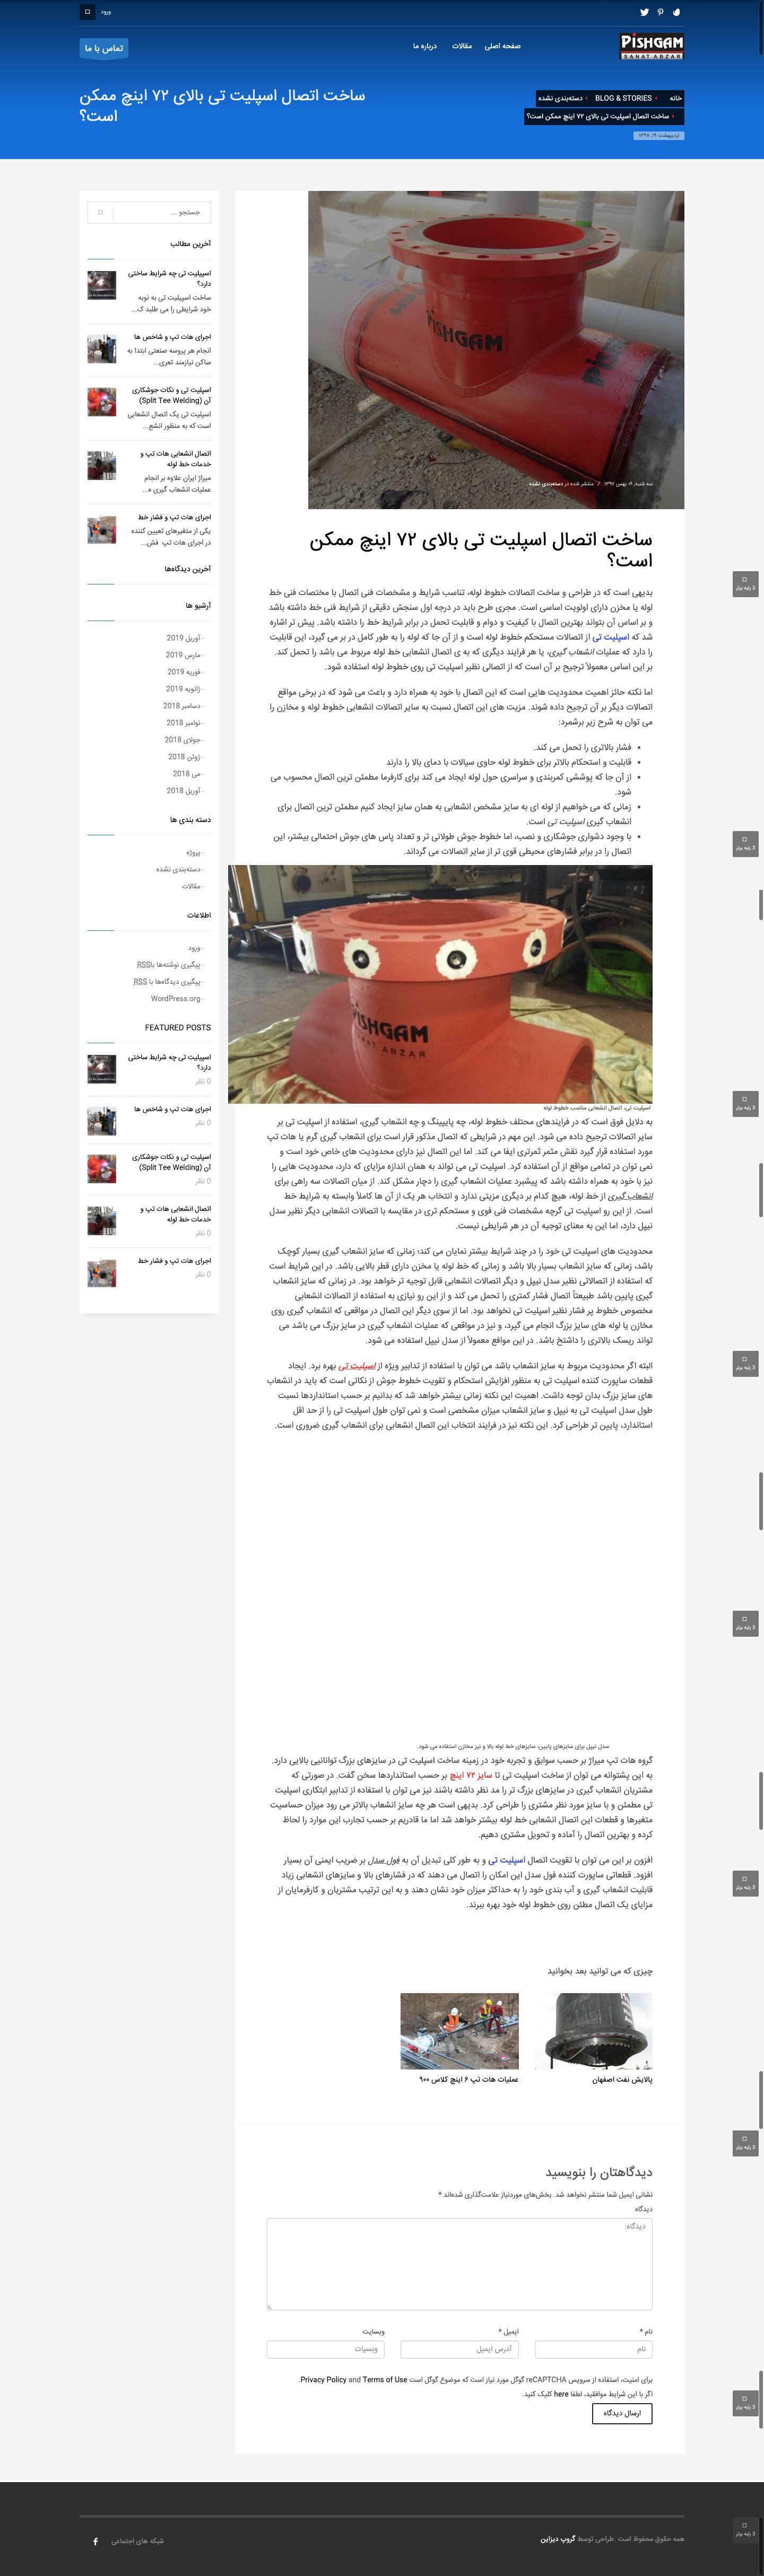 طراحی سایت شرکتی میراژ ایران